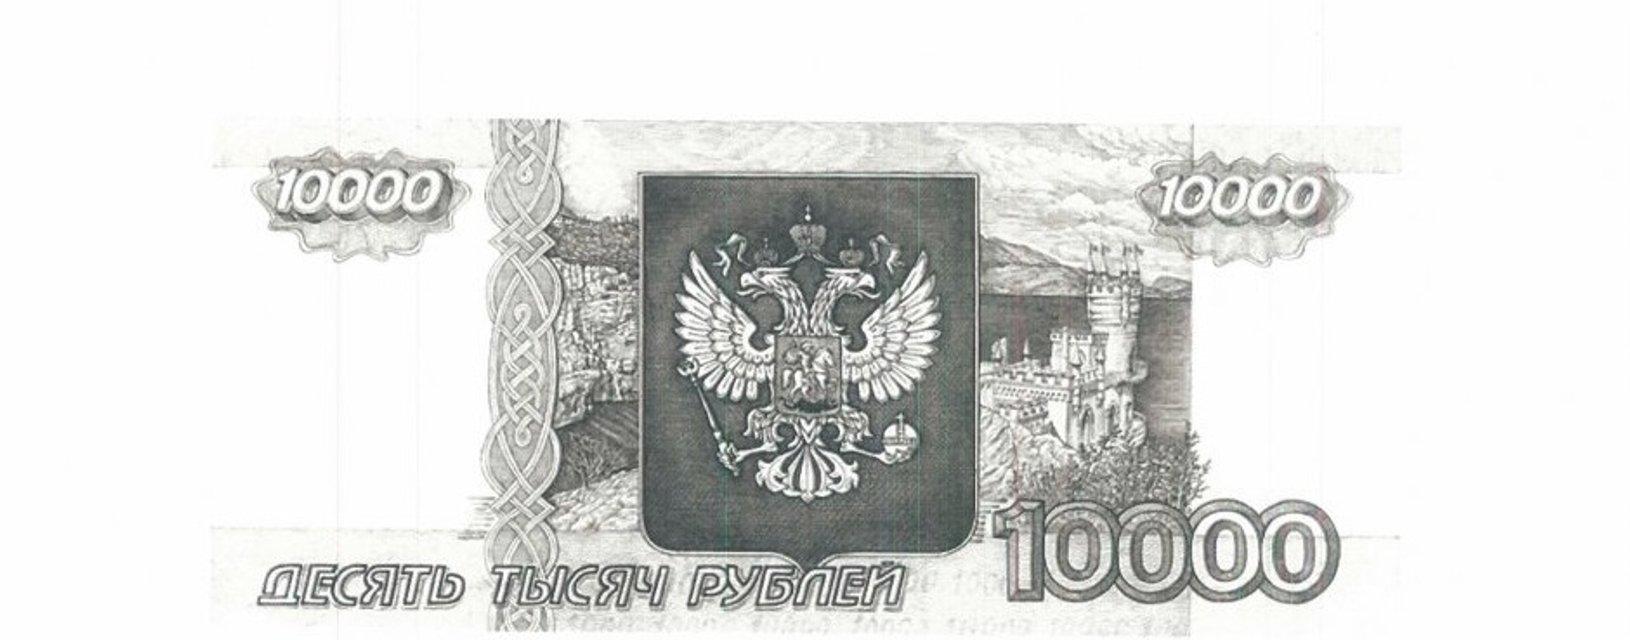 В России готовятся выпускать купюры с лицом Путина - фото 68638